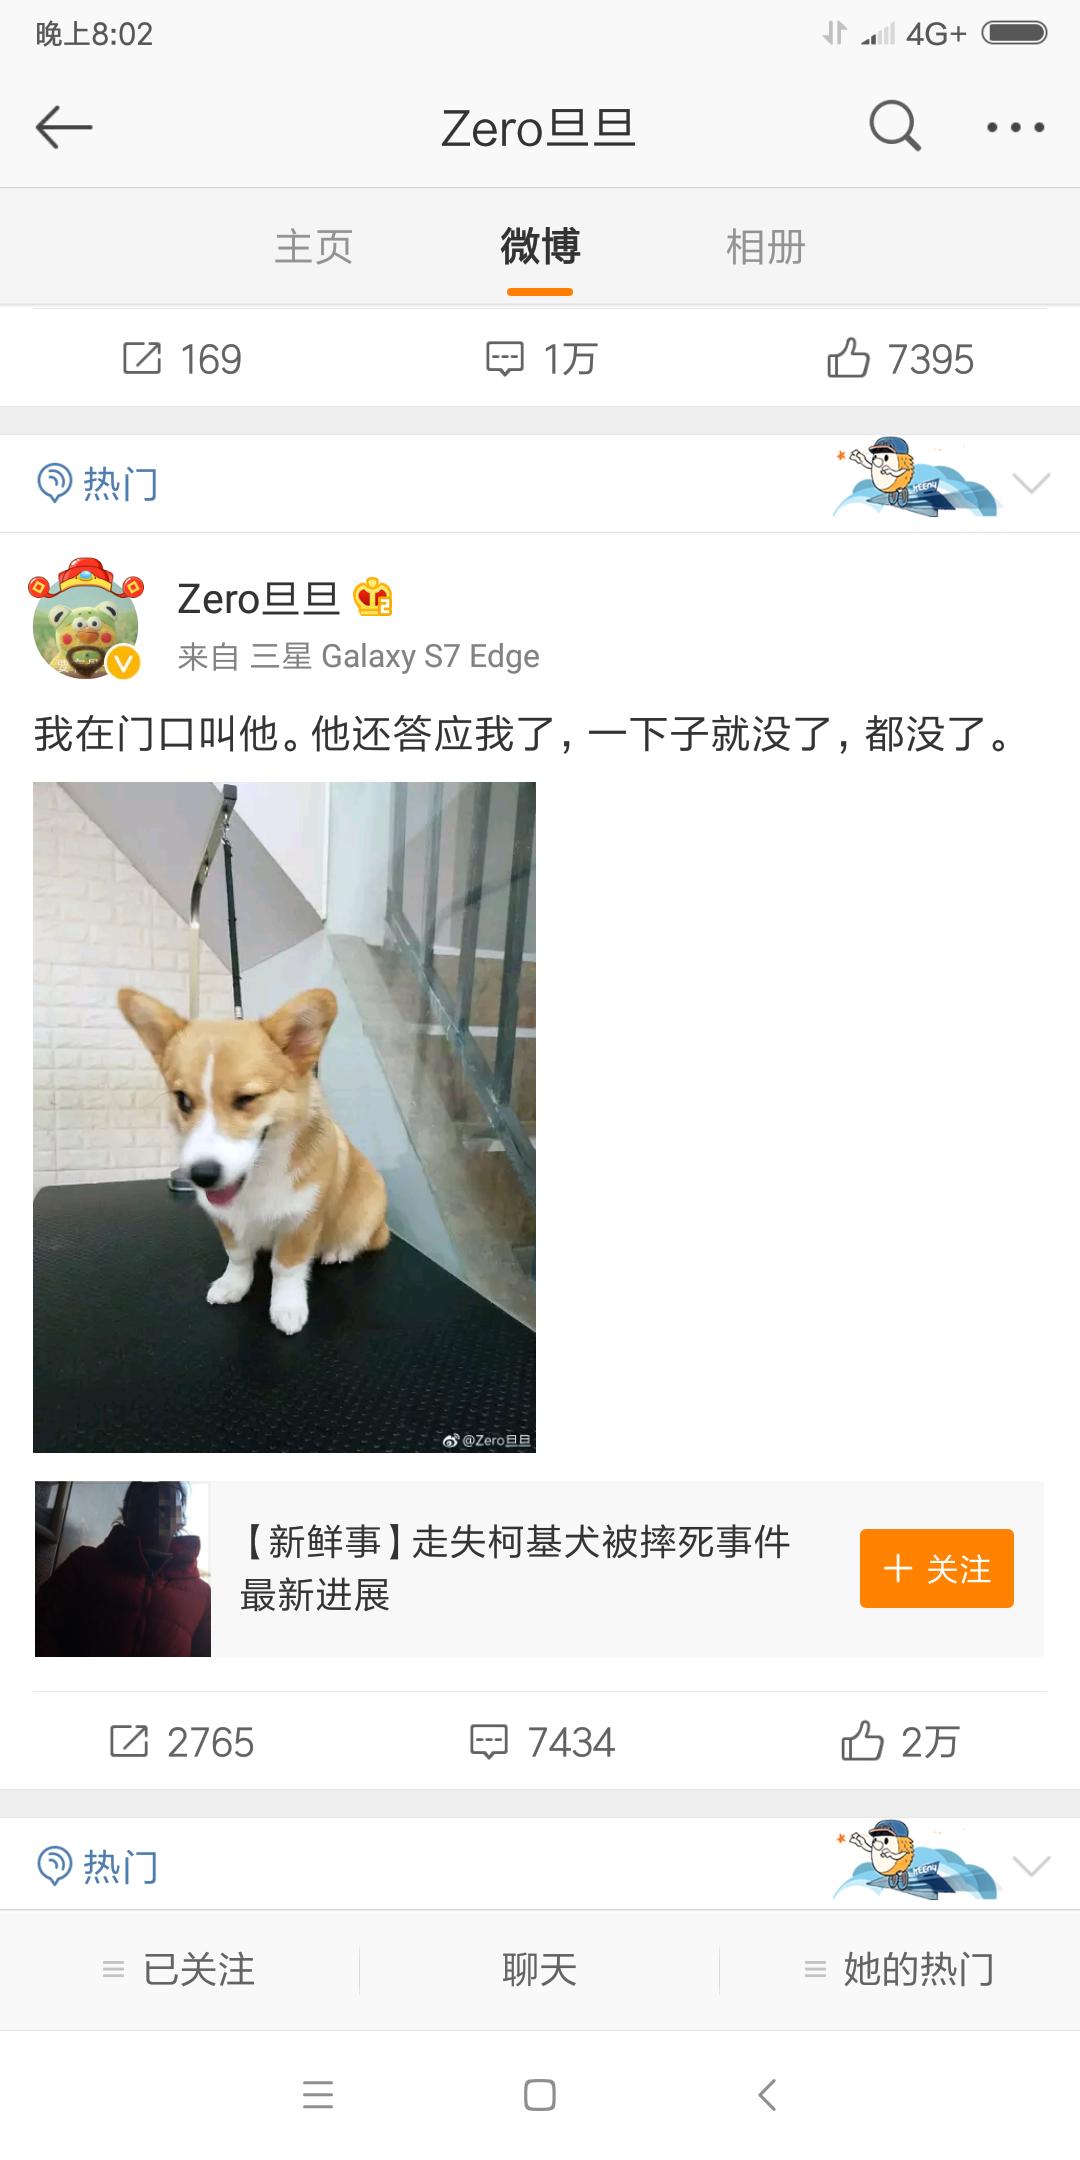 Screenshot_2018-01-13-20-02-12-363_com.sina.weibo.png